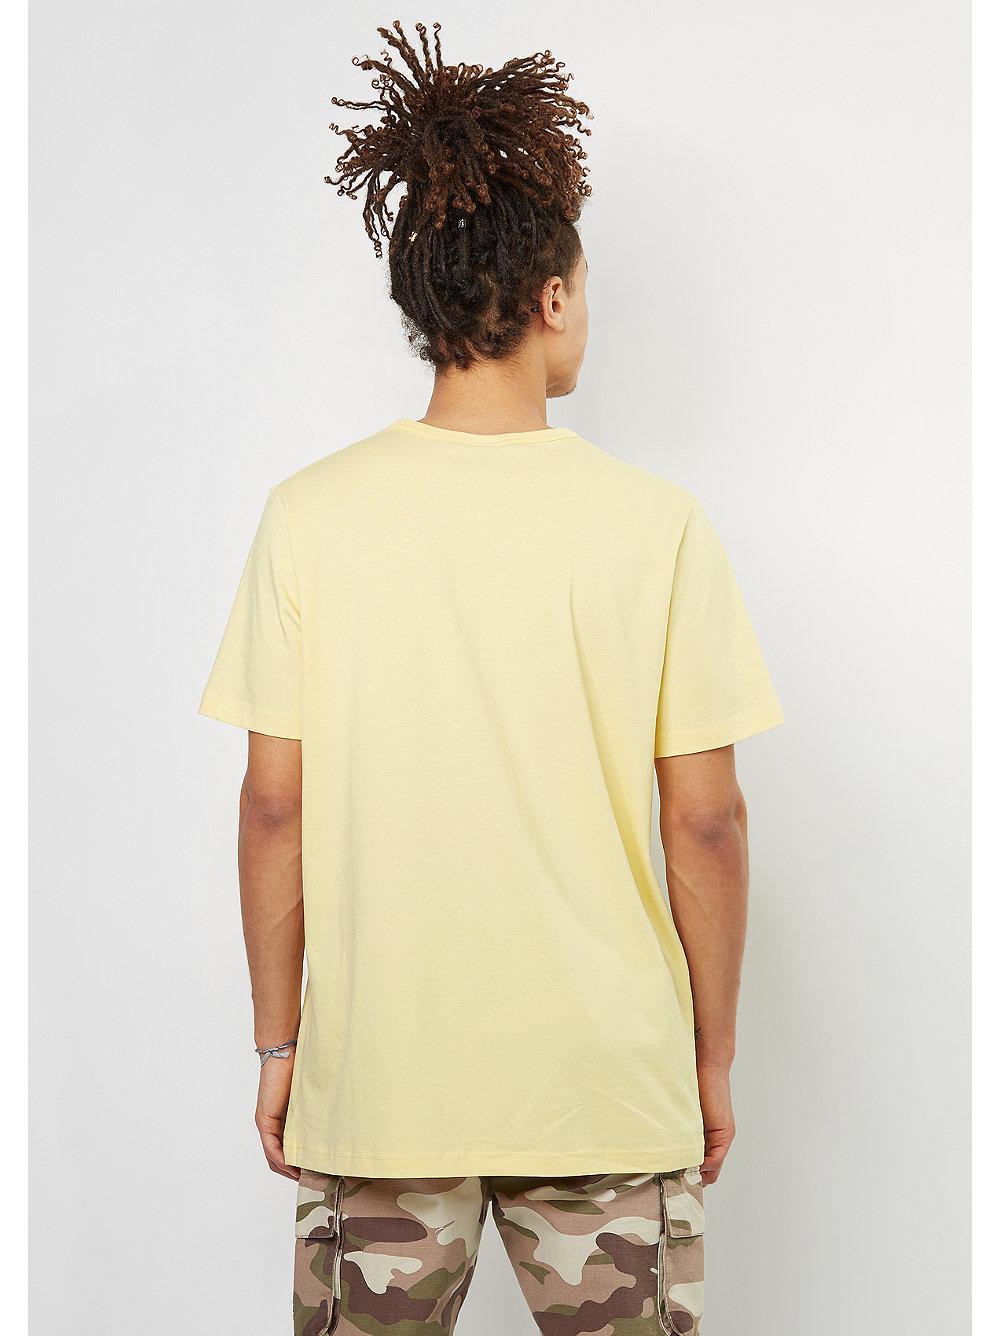 snipes t shirt chest logo golden haze white snipes. Black Bedroom Furniture Sets. Home Design Ideas